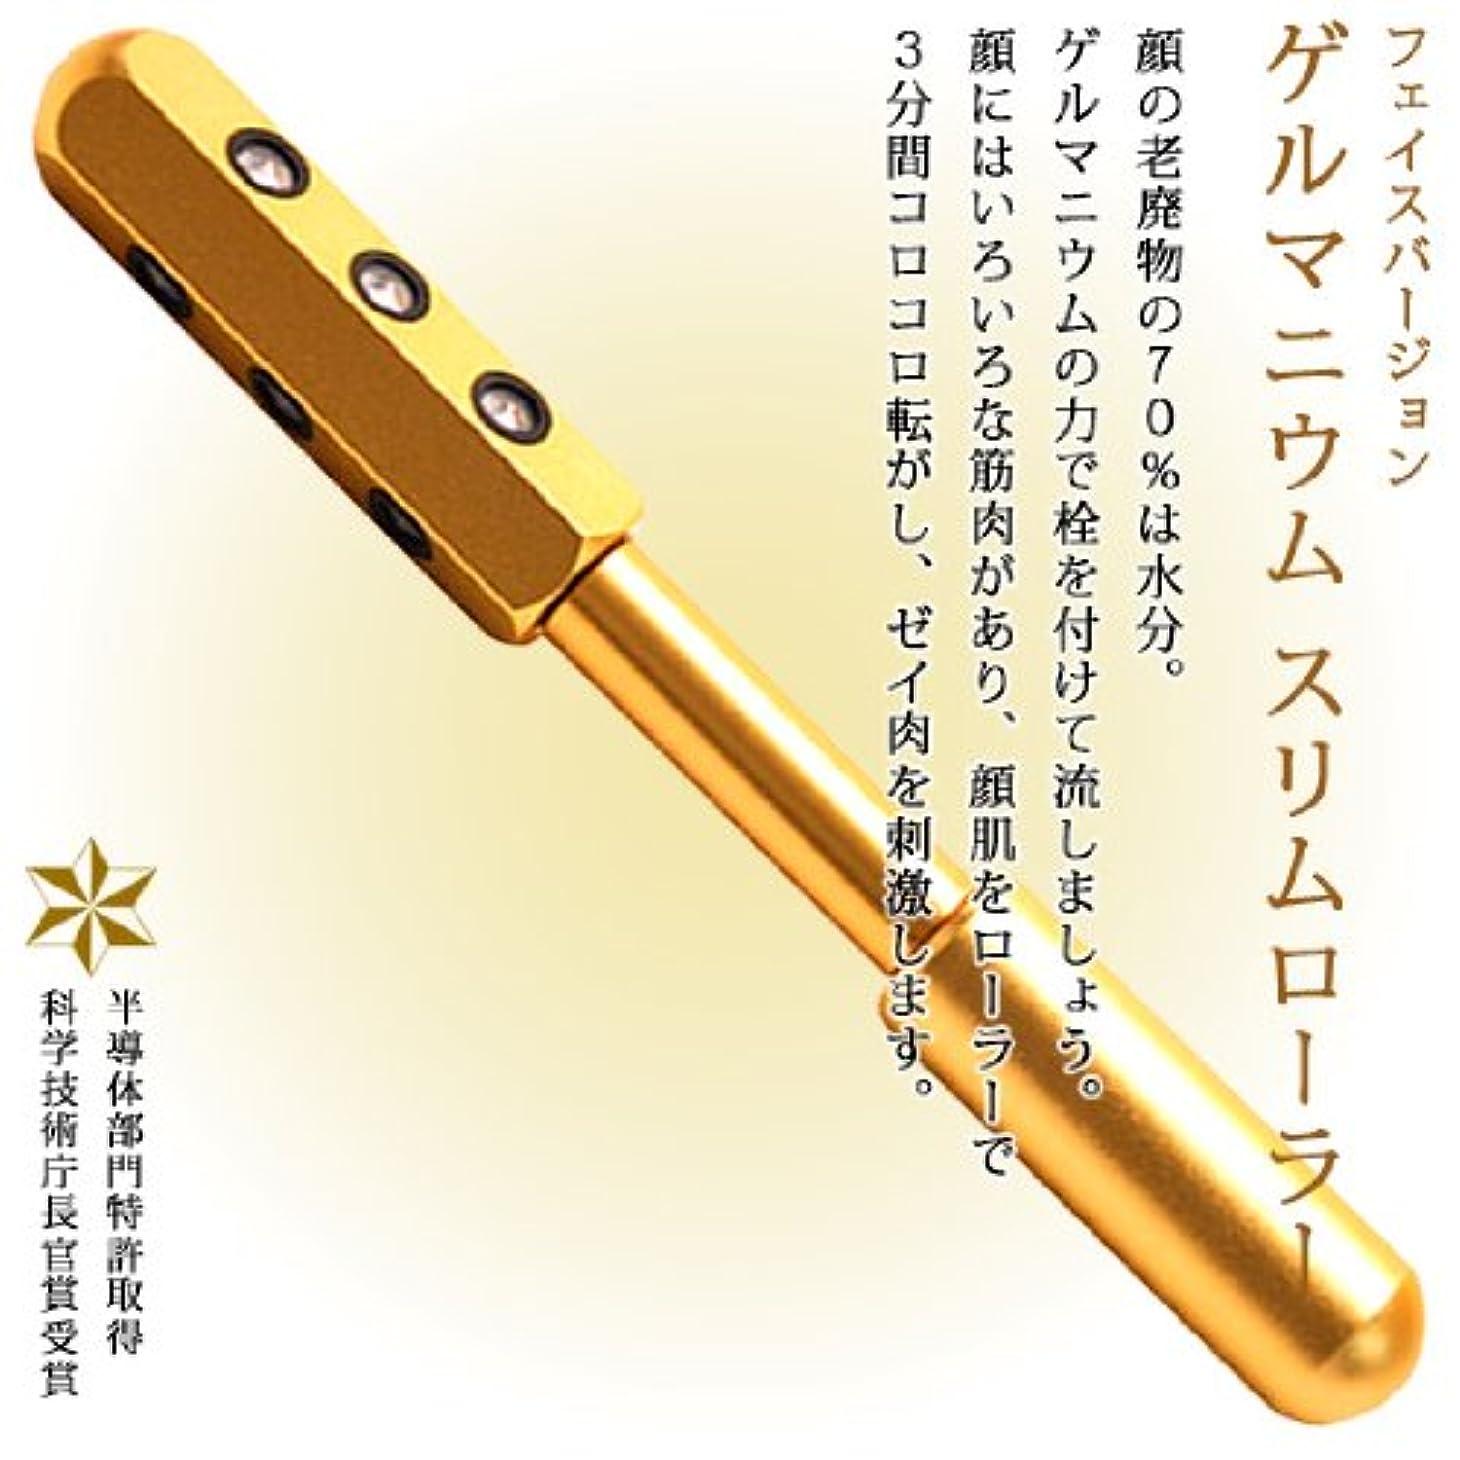 歯科医試みる欲望ゲルマニウムスリムローラー フェイスバージョン 【ゴールド】